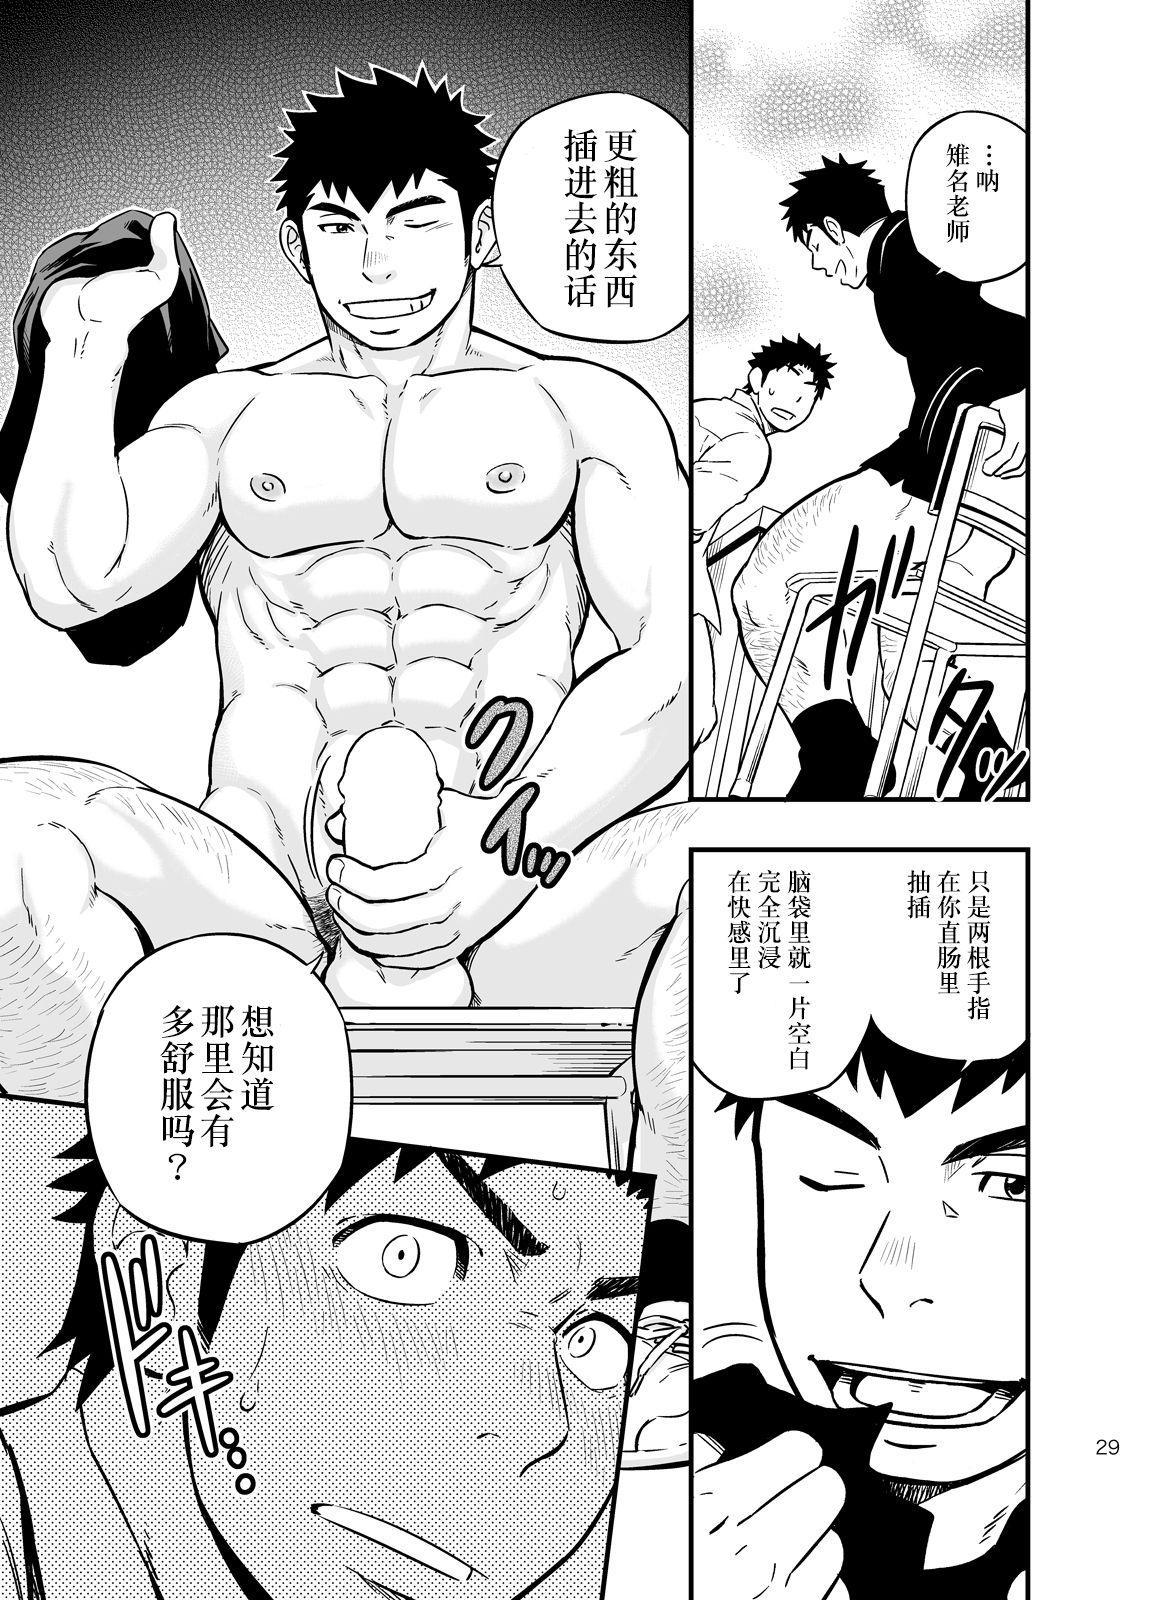 Moshimo Danshikou no Hoken Taiiku ga Jitsugi Ari Dattara 2 | 如果男校的保健体育课有实践环节的话 2 27